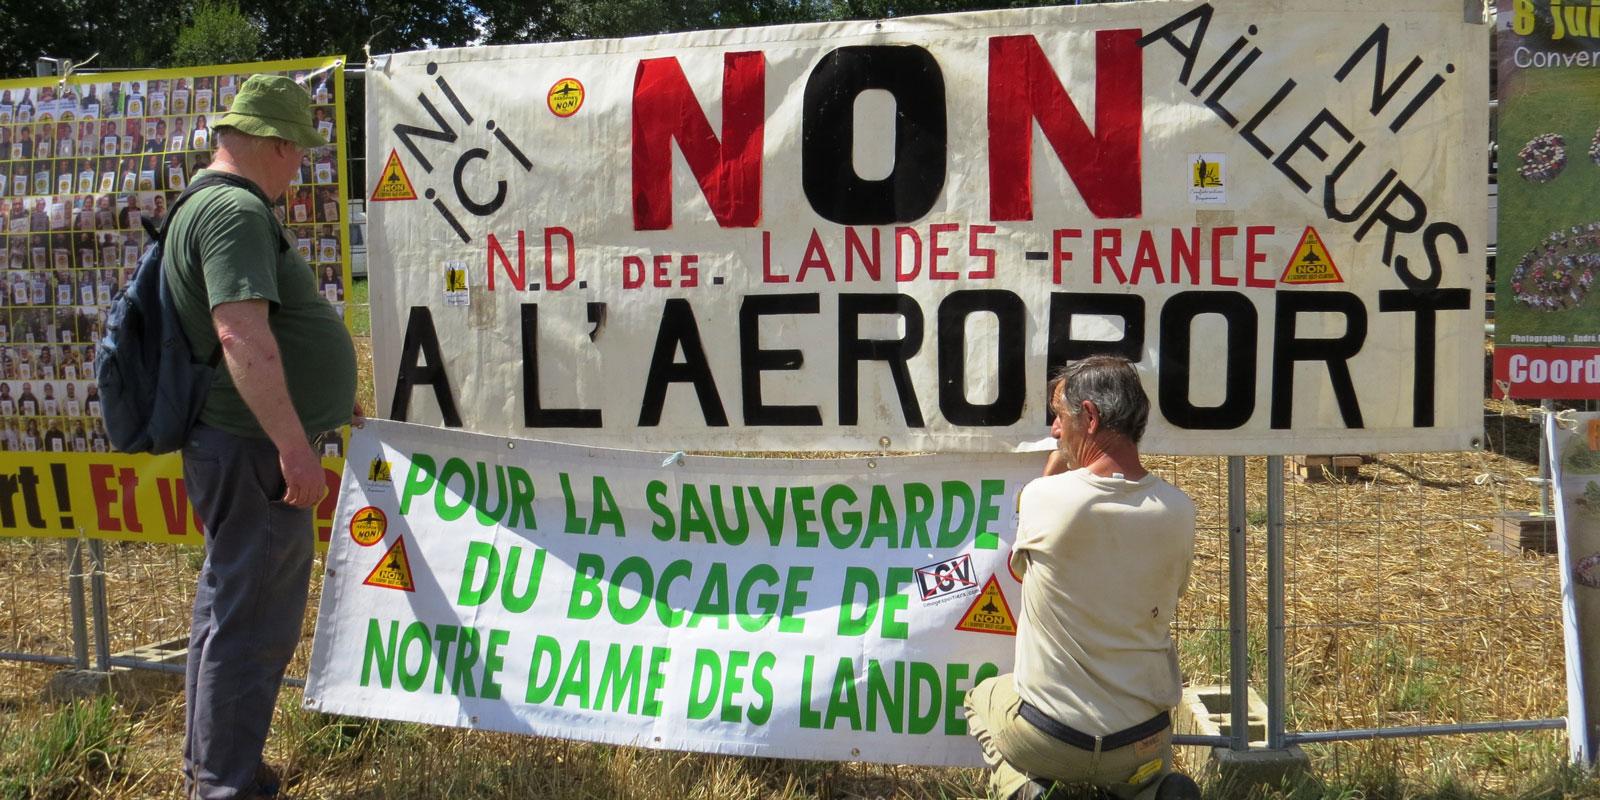 La confédération paysanne dépose un nouveau recours contre le projet de Notre-Dame-des-Landes